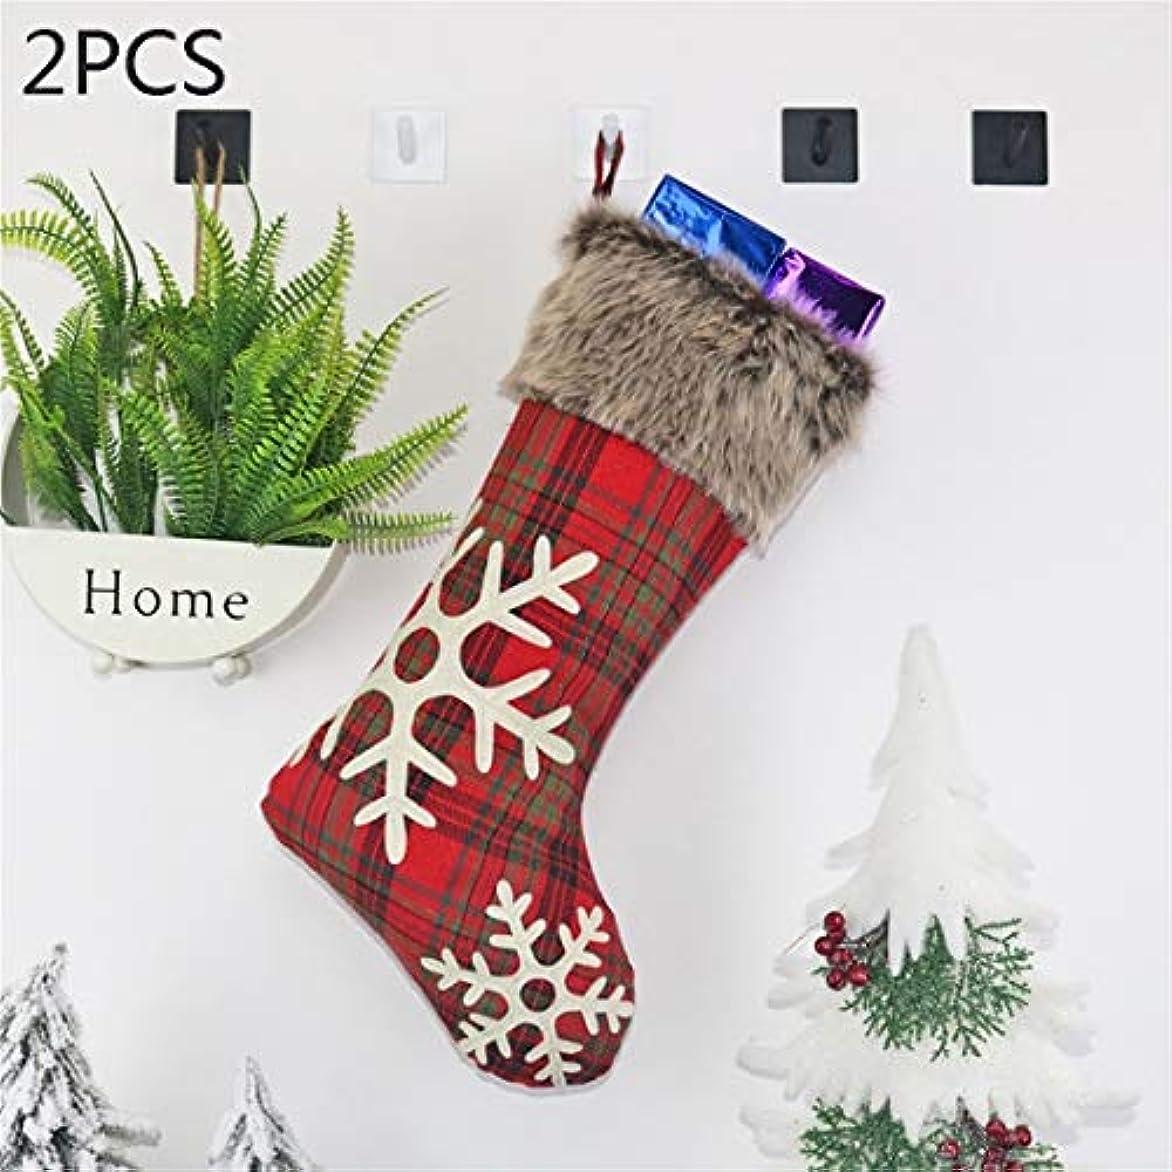 羊誠意パントリーLabos 2020クリスマススノーフレークぬいぐるみソックスギフトバッグクリスマスツリーのペンダントの飾り